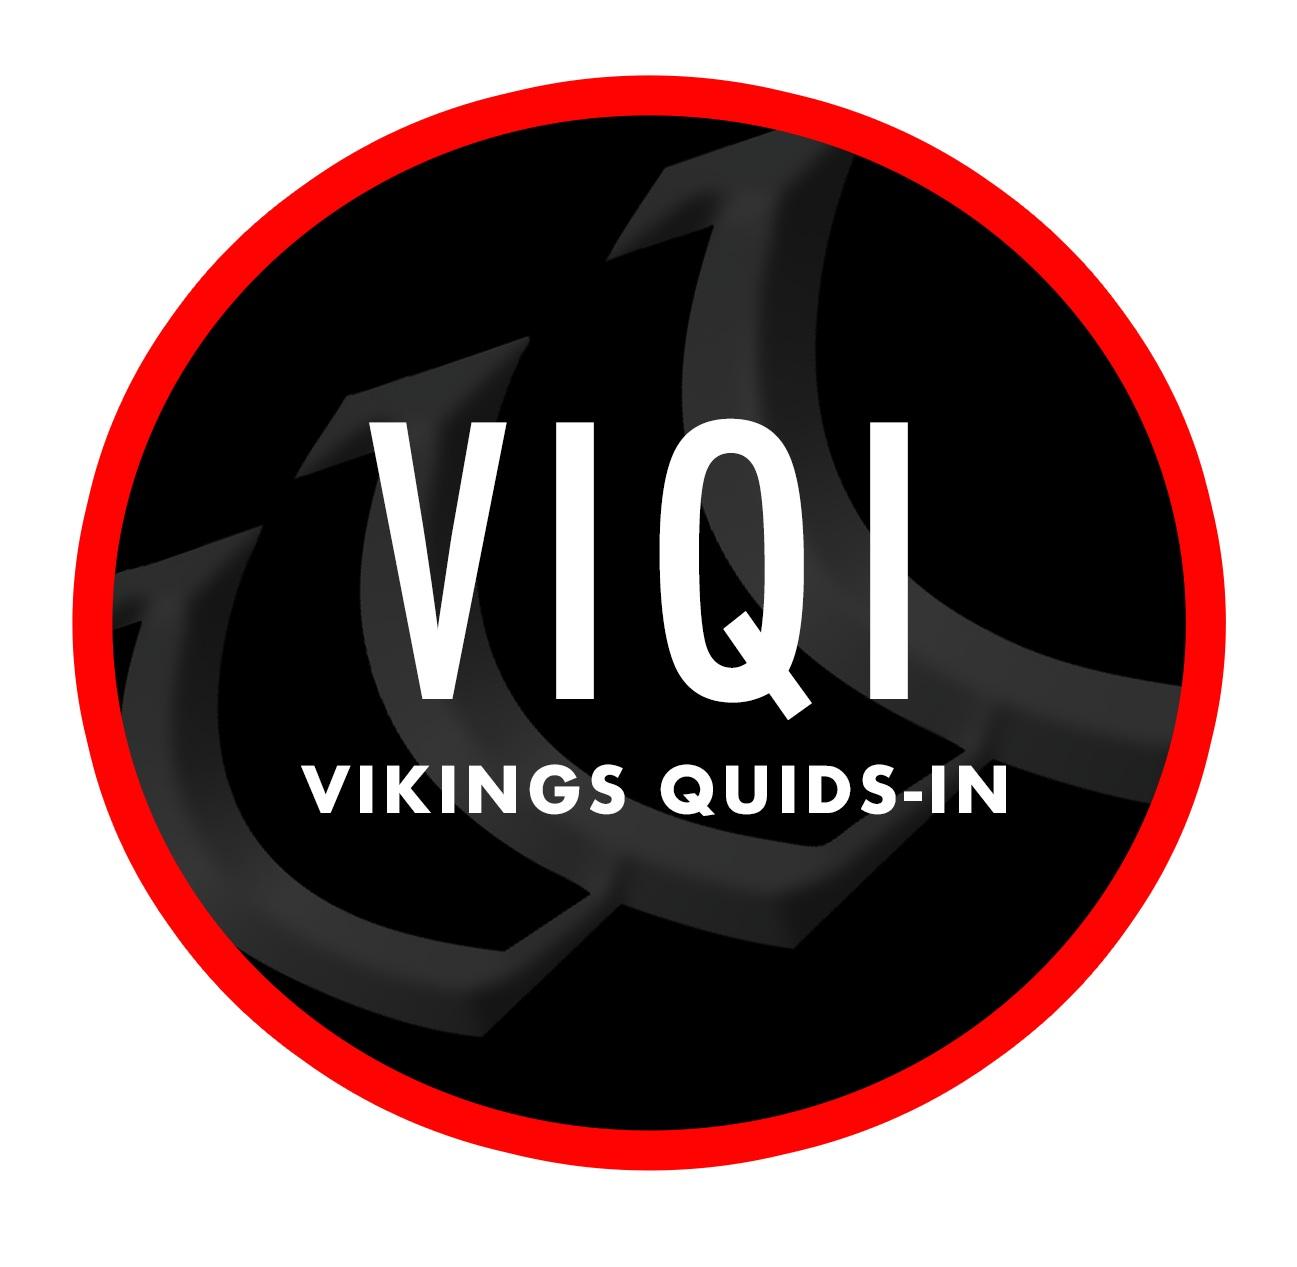 VIQI-4.jpg